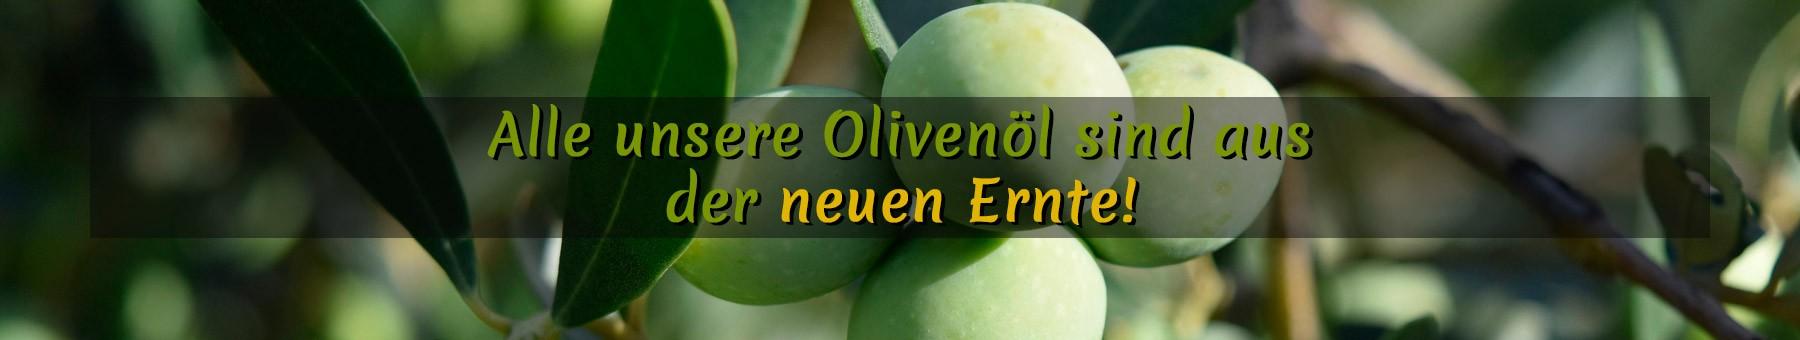 Neuen Ernte 2019/2020